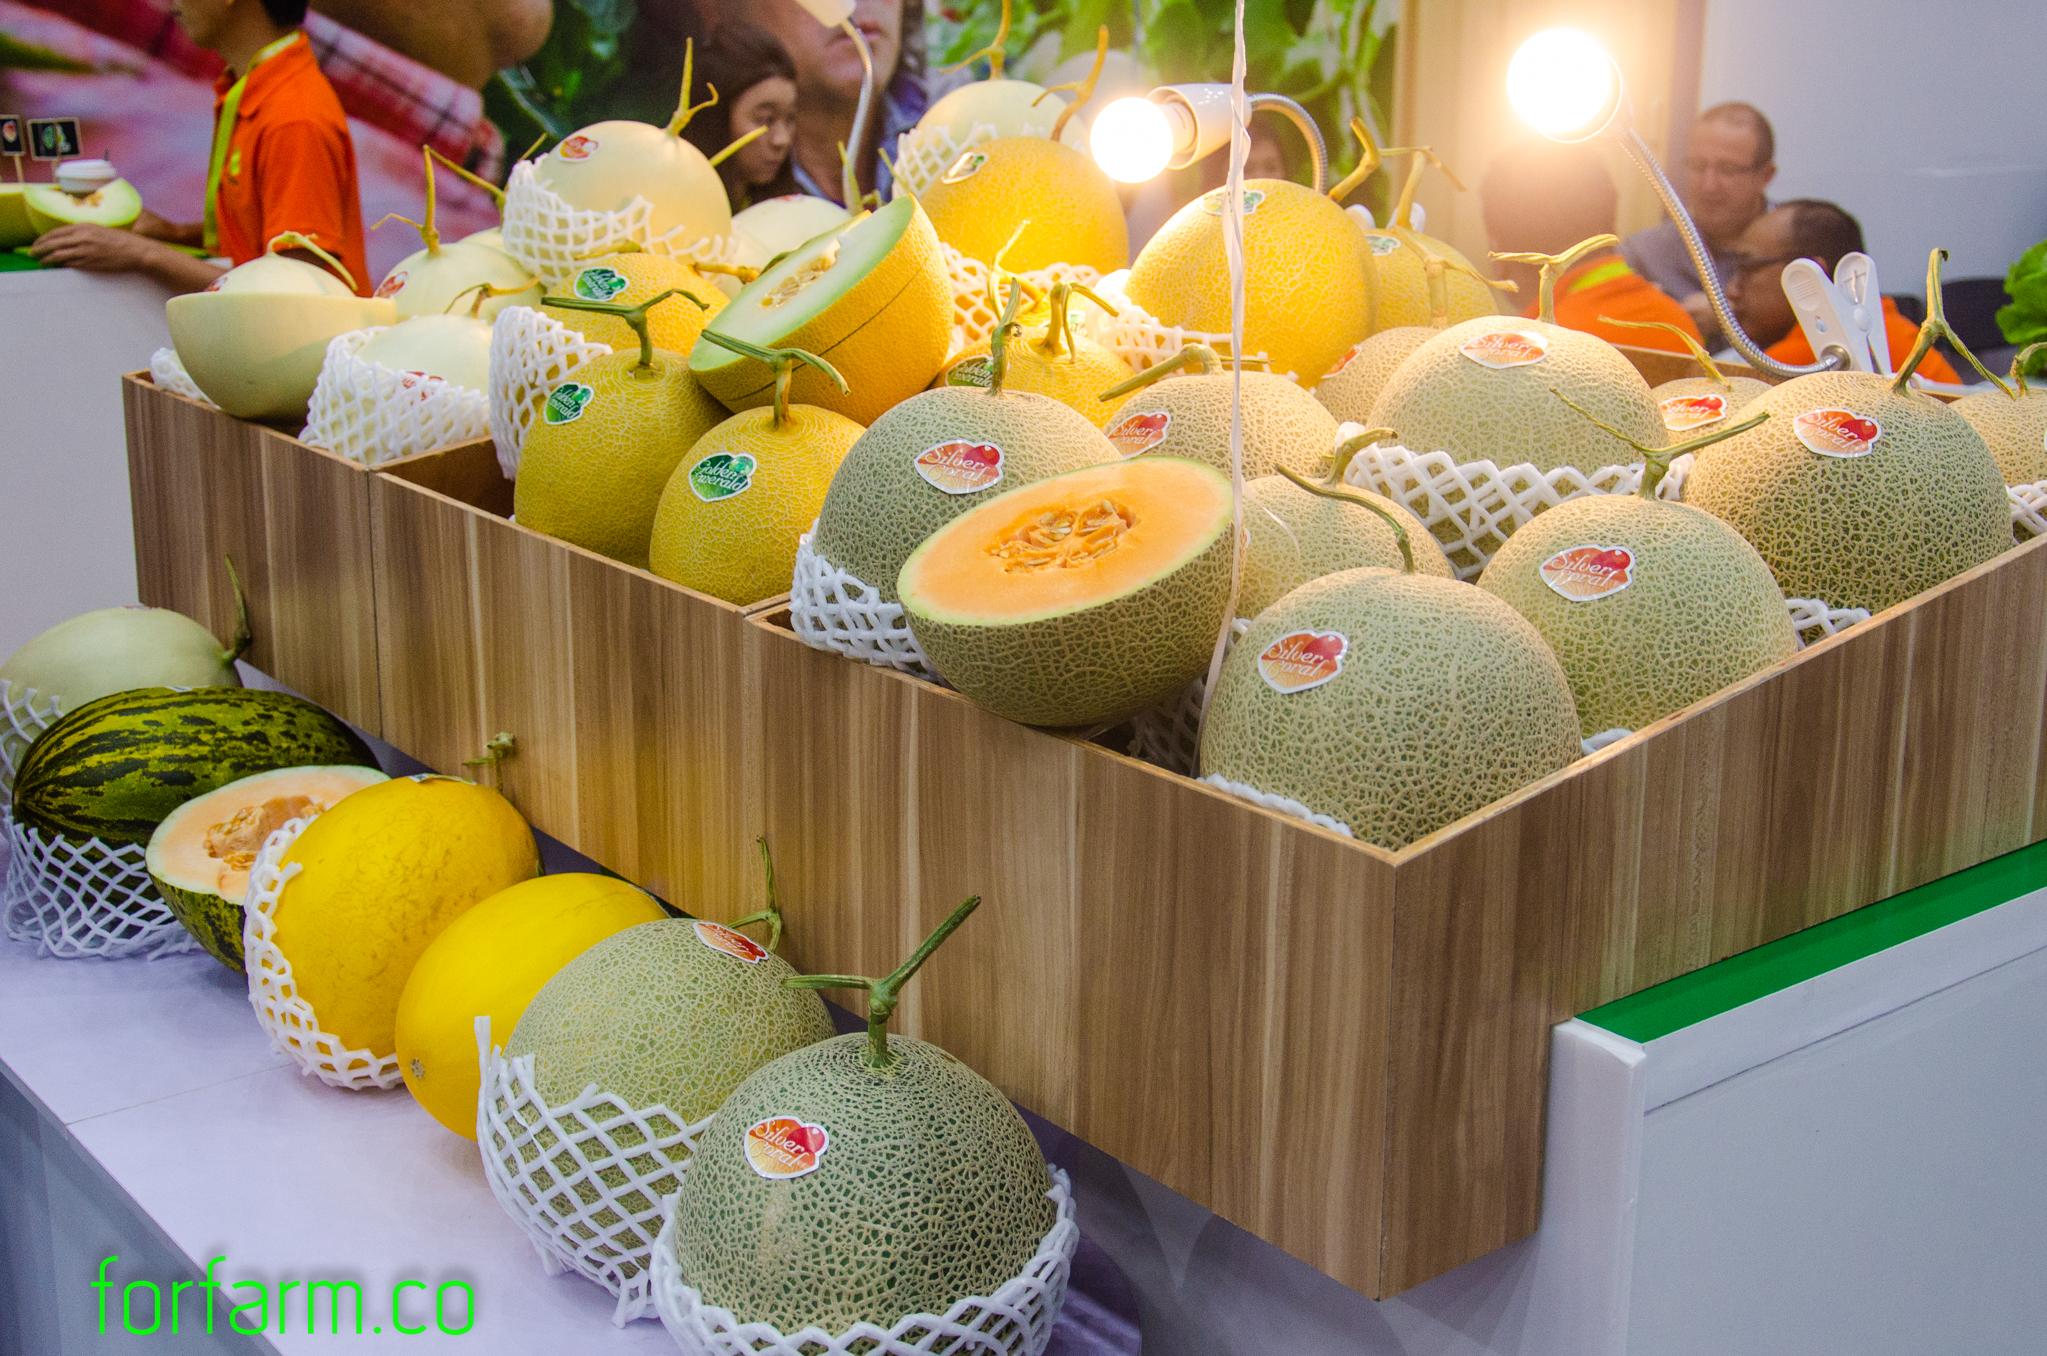 เมล่อน (Melon)